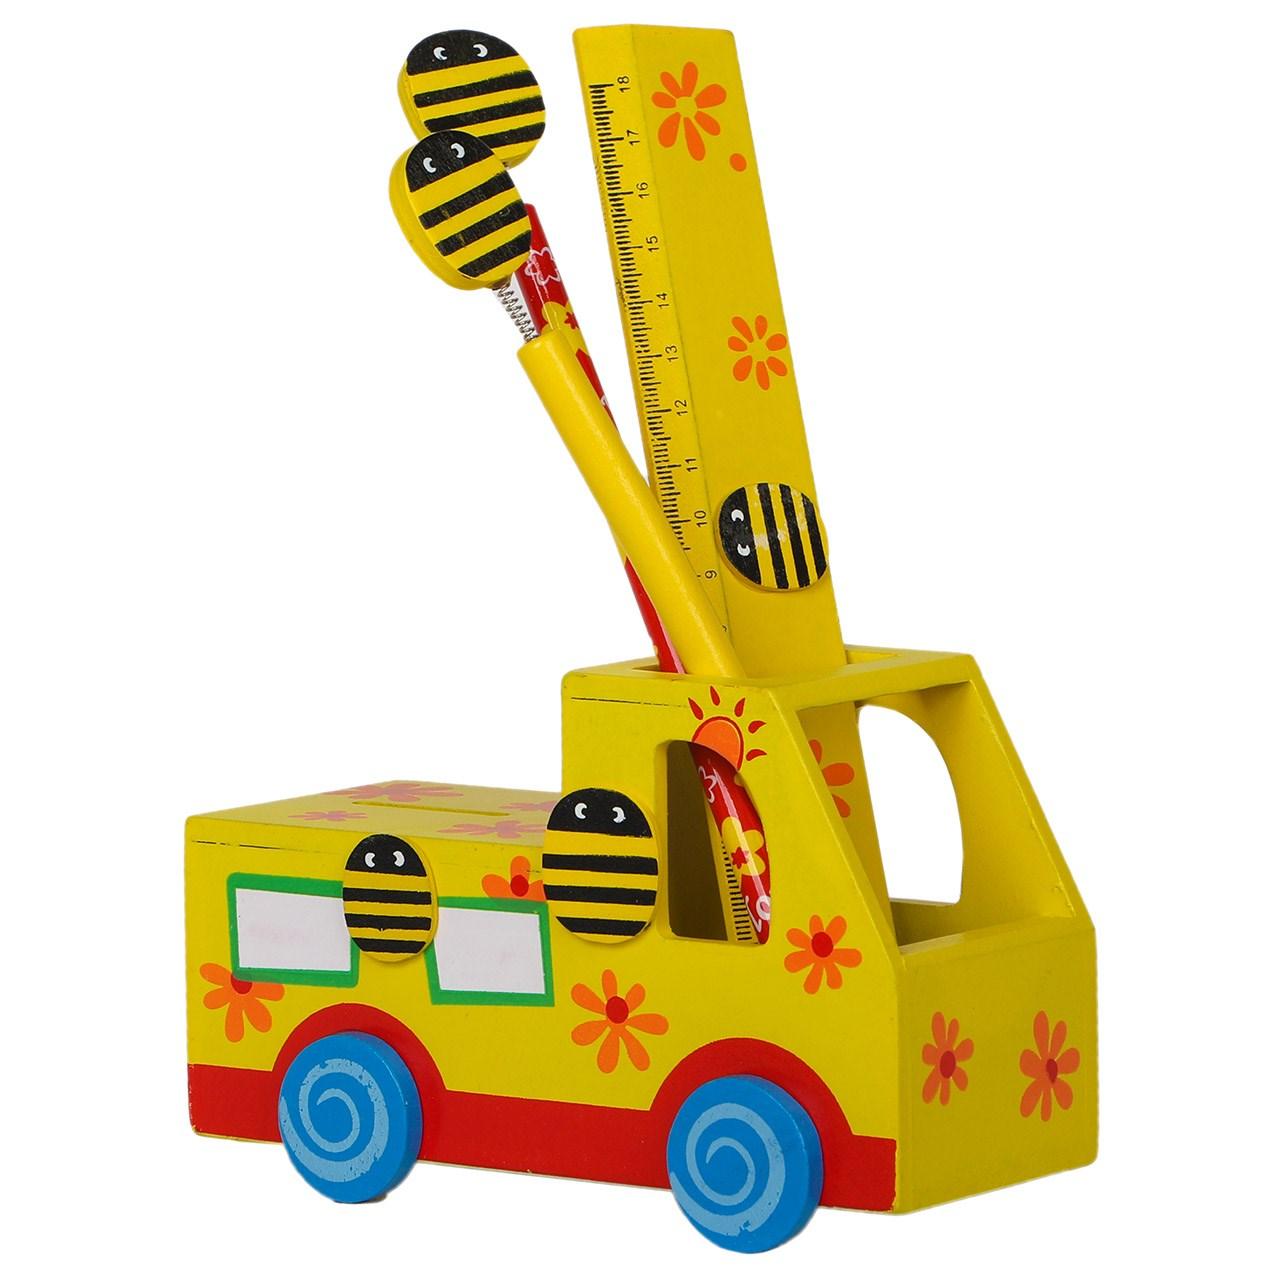 جامدادی خانواده باهوش من مدل ماشین و  زنبور چوبی با ابزار